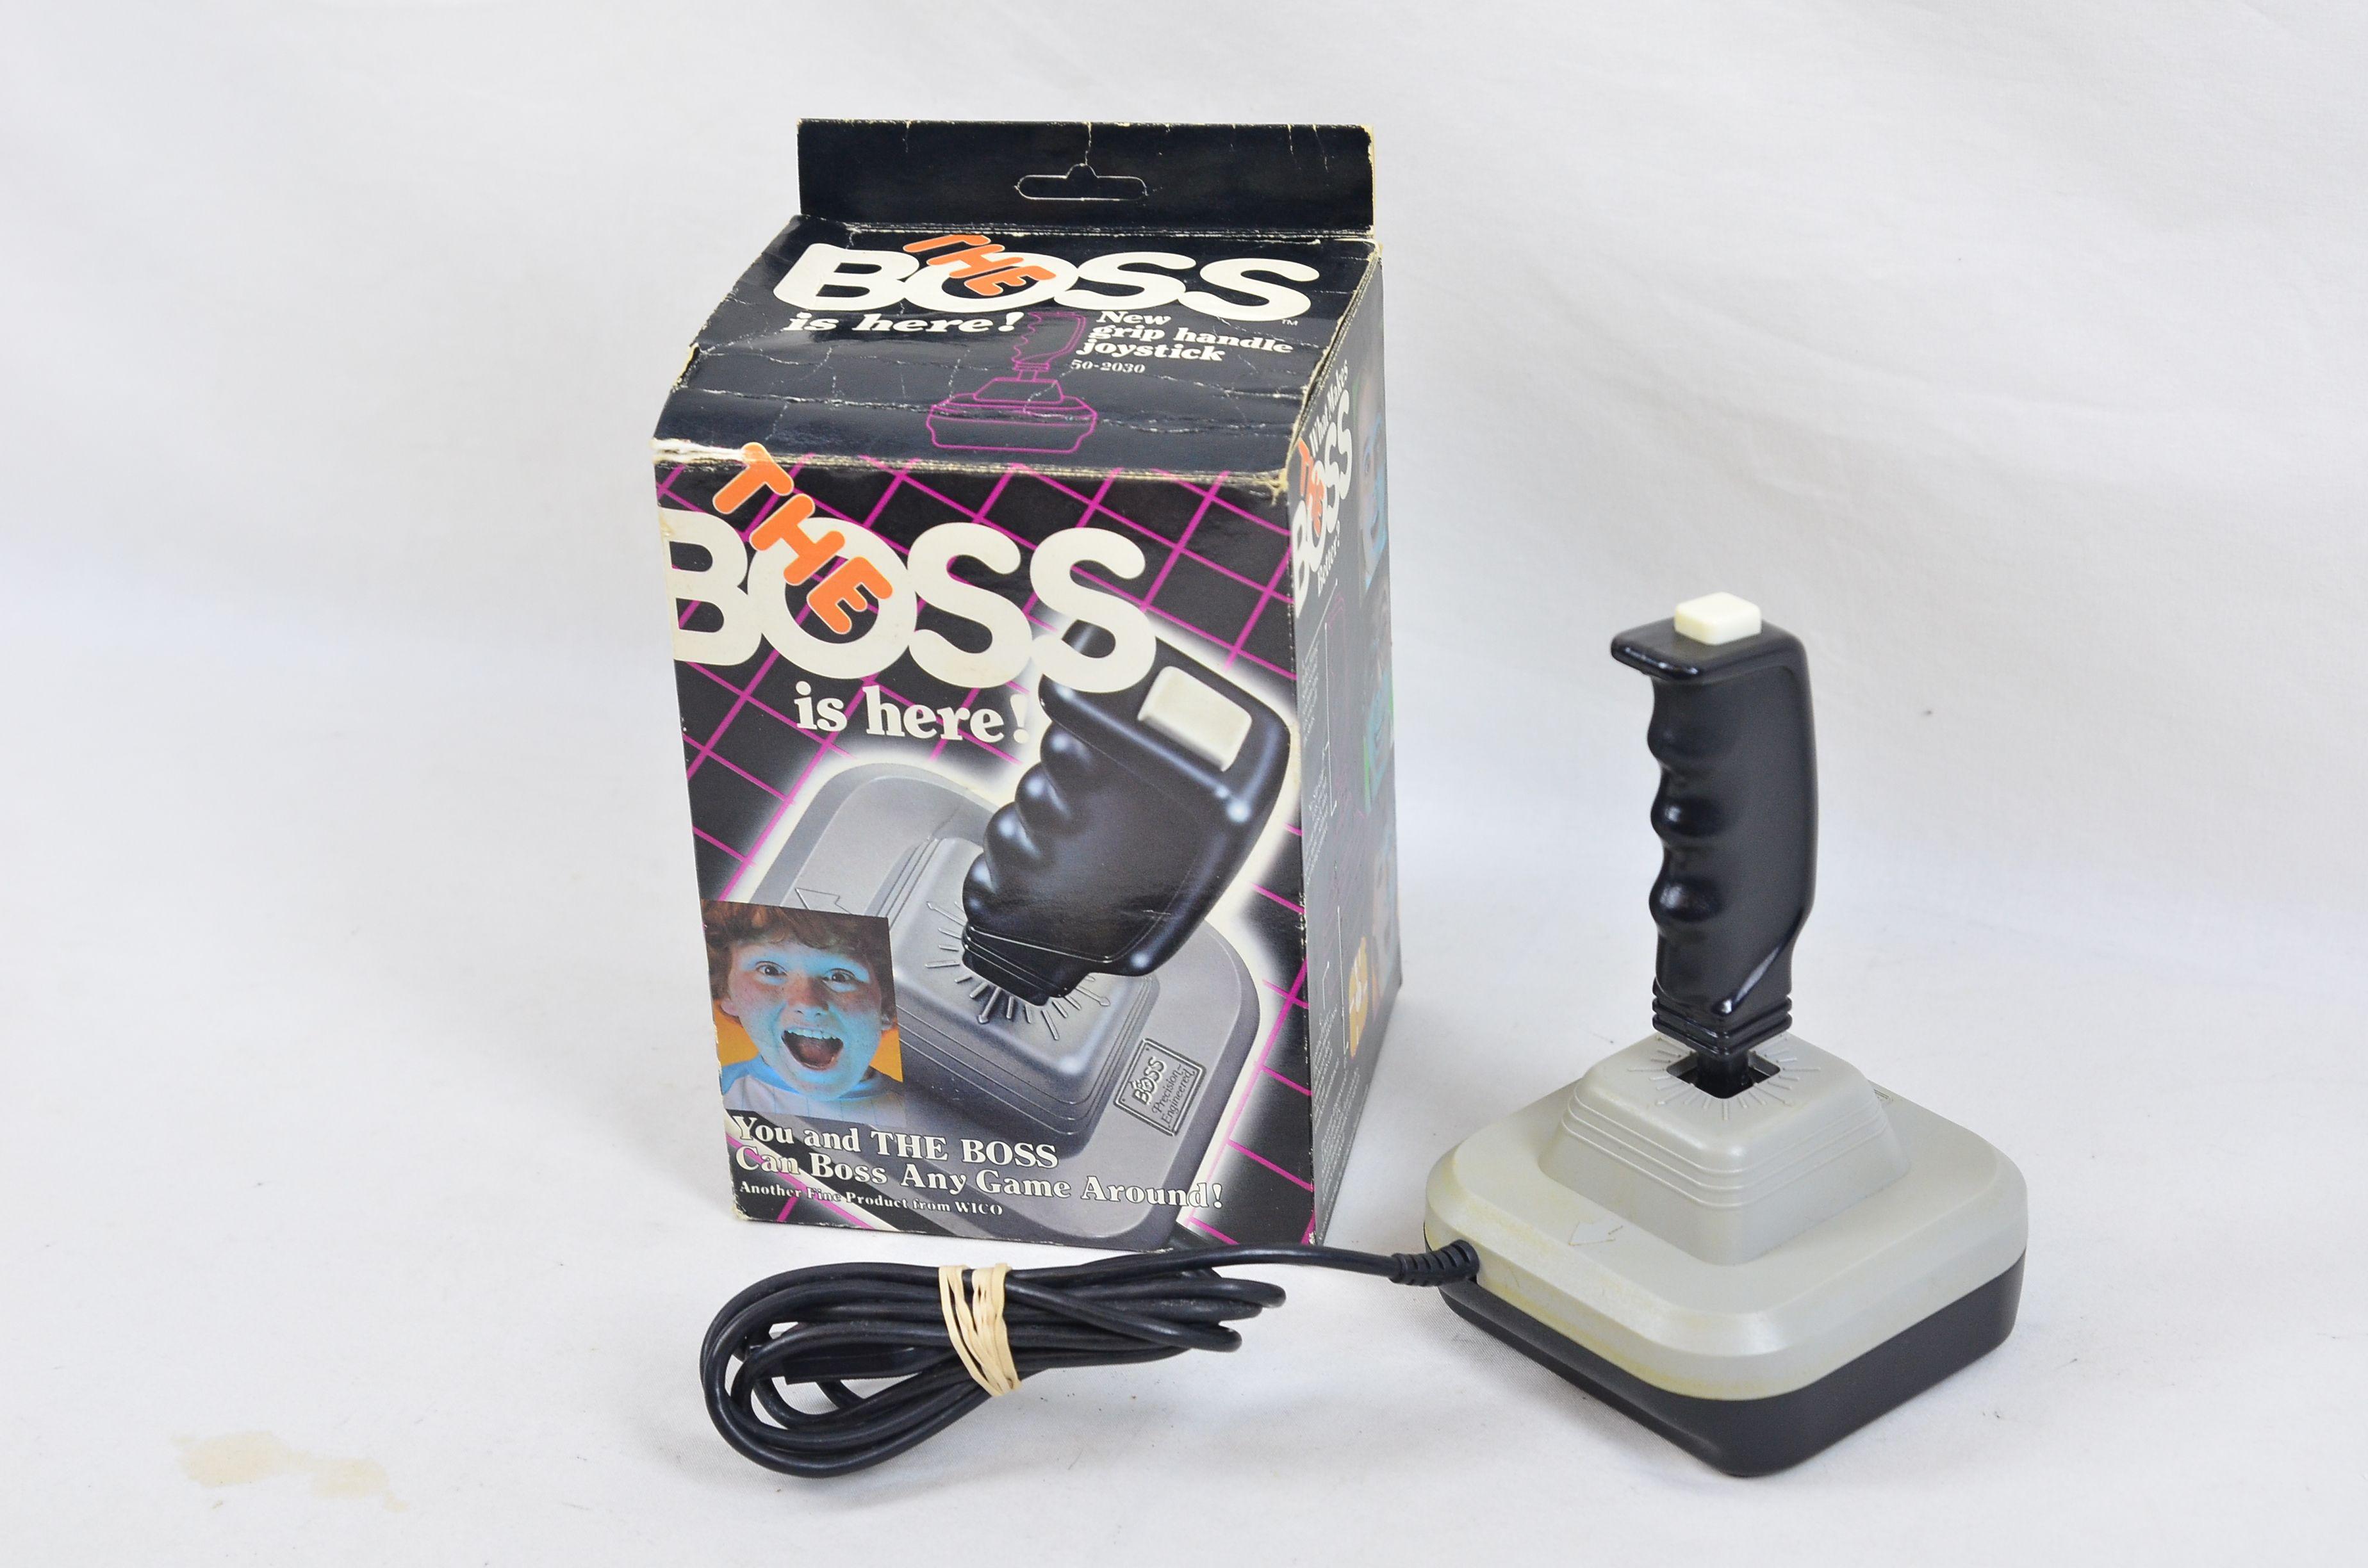 Wico The Boss Joystick Controller 50-2030 for Atari/Commodore 64/VIC-20 - Boxed 1